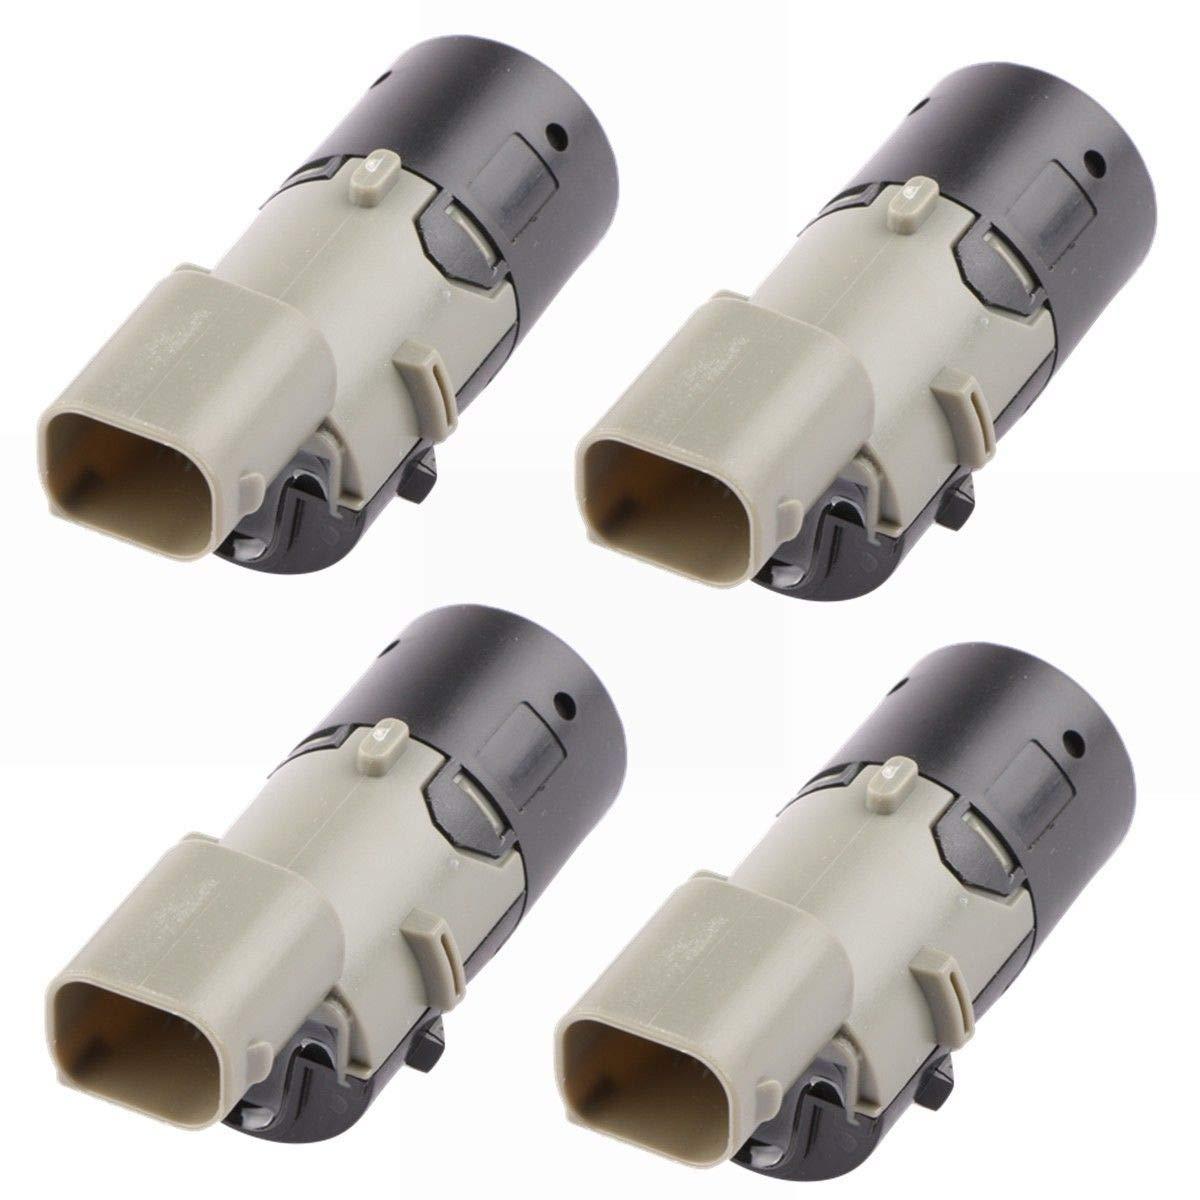 MOSTPLUS 4PCS PDC Backup Parking Sensors For BMW 3-7 Series X5 E39 Z4 E85 E46 E39 E60 E63 E38 E65 66206989069